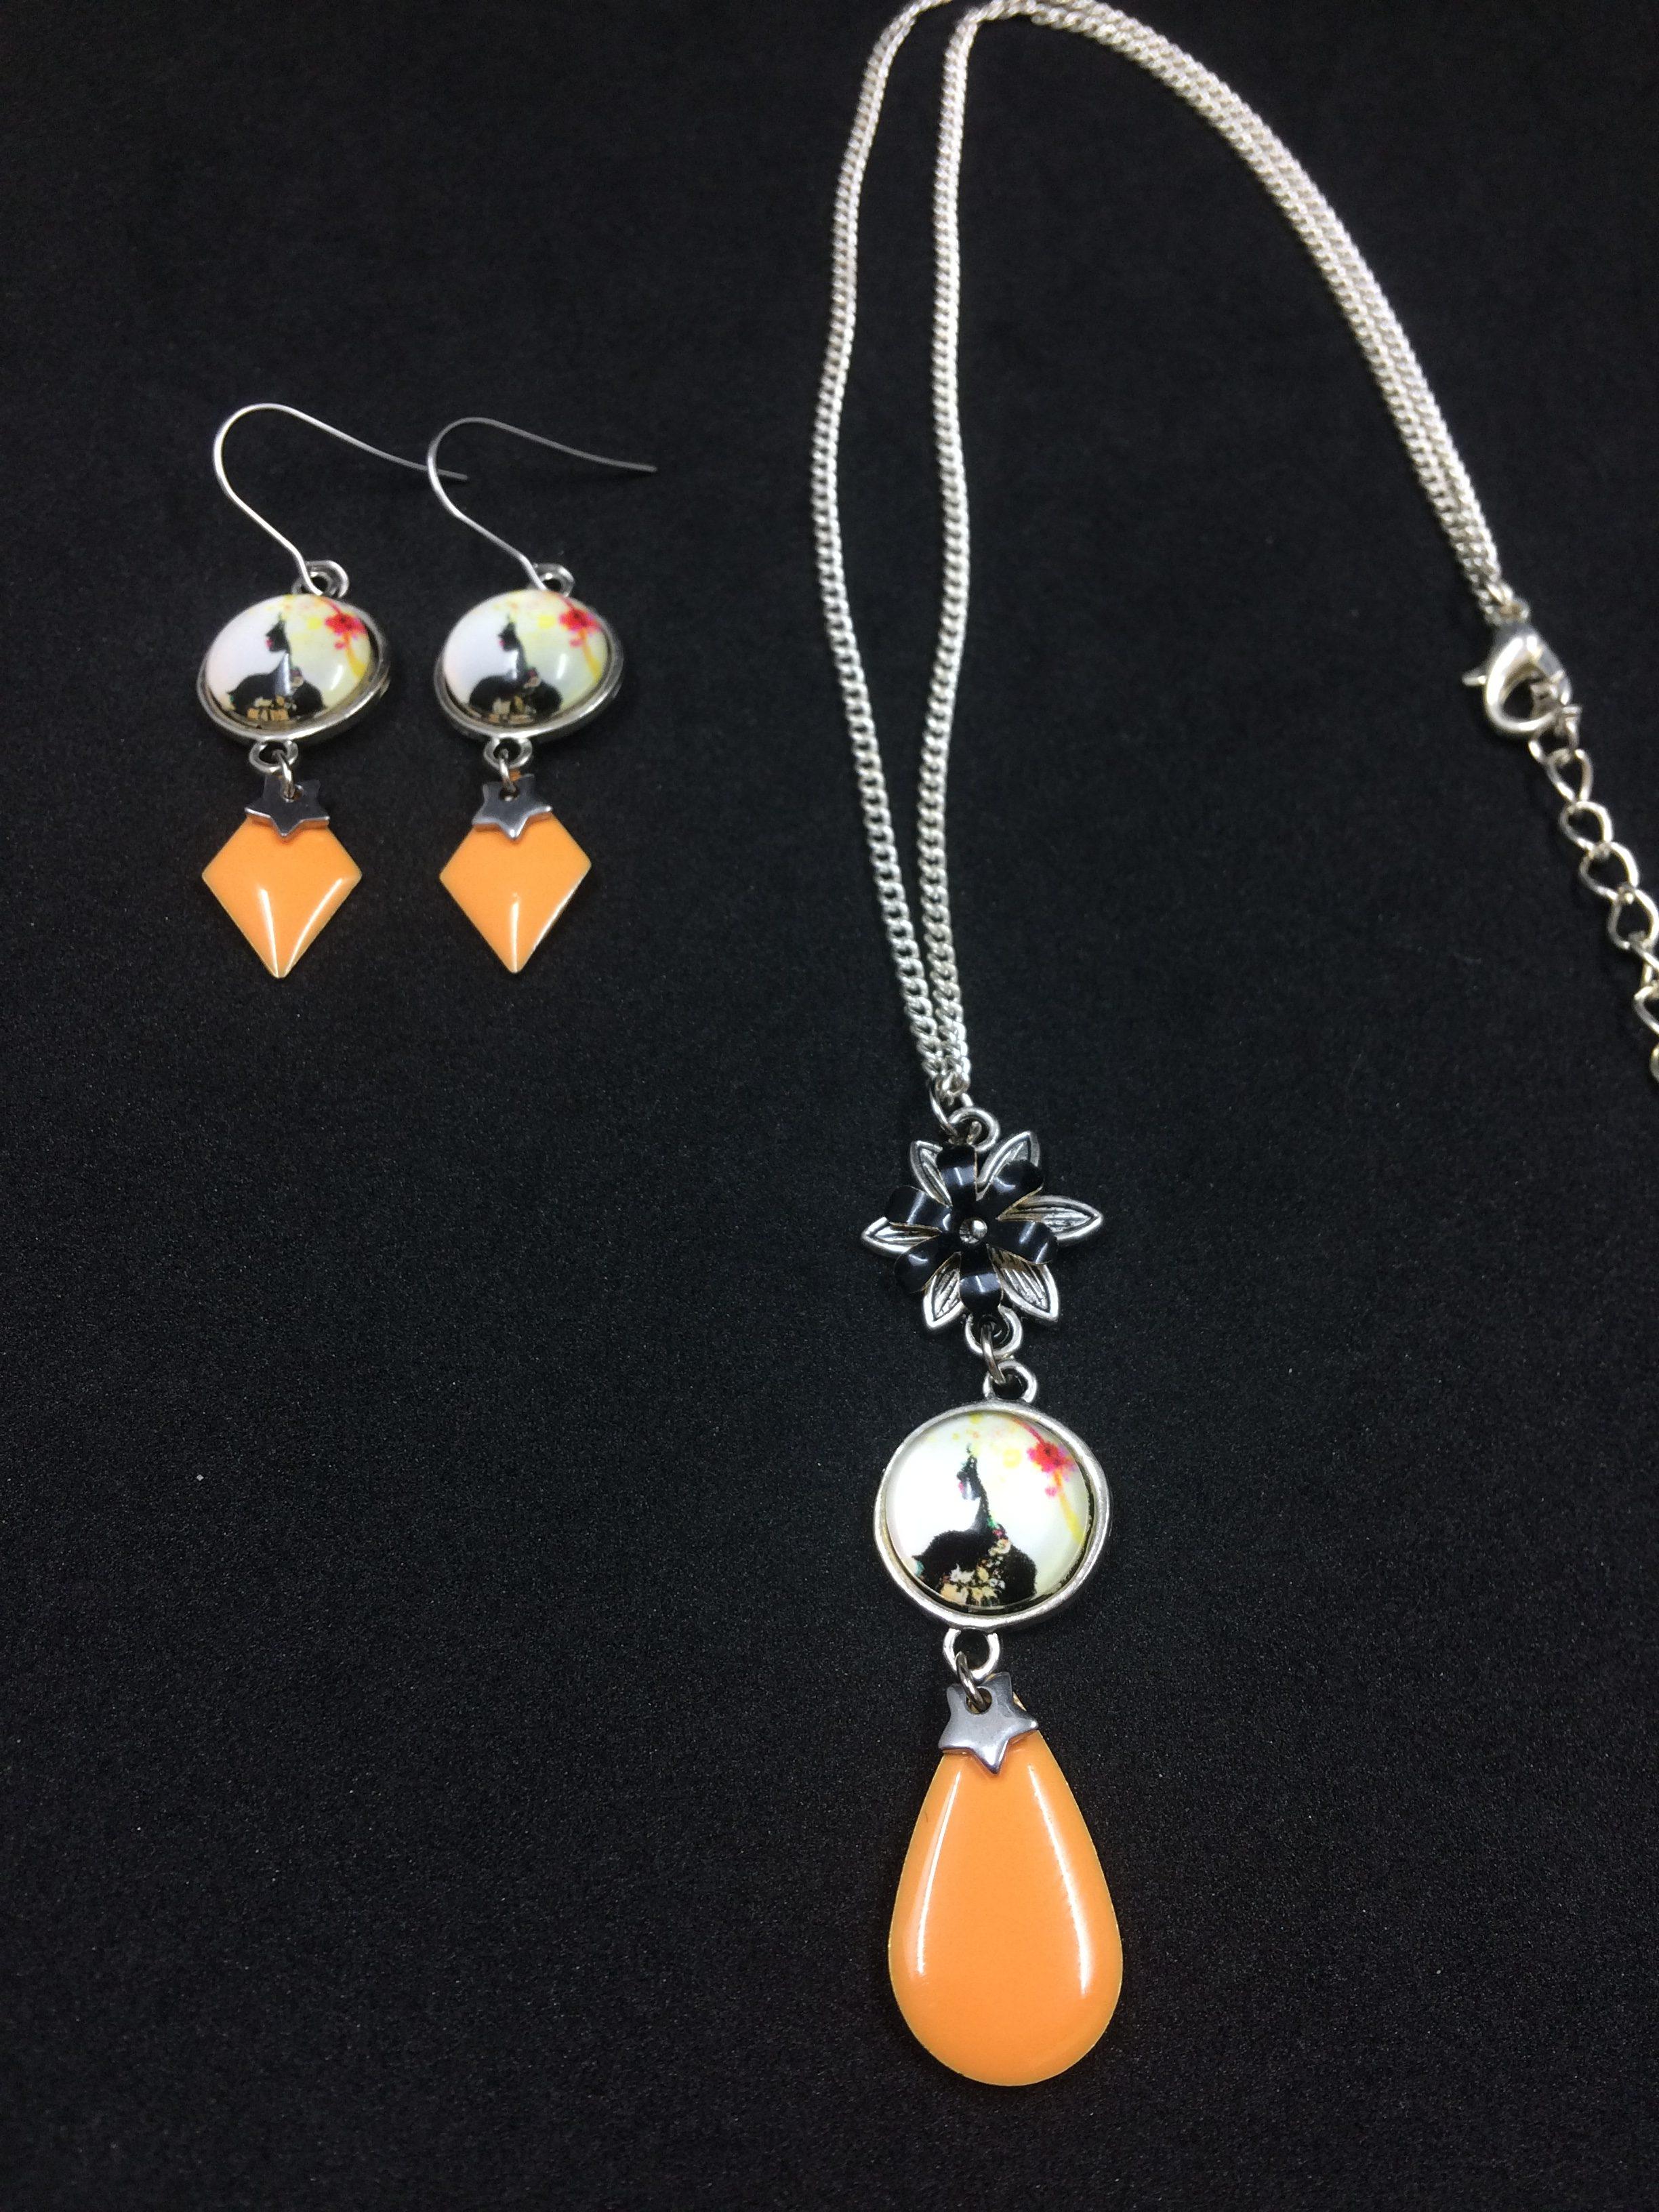 boucle d'oreille orange femme